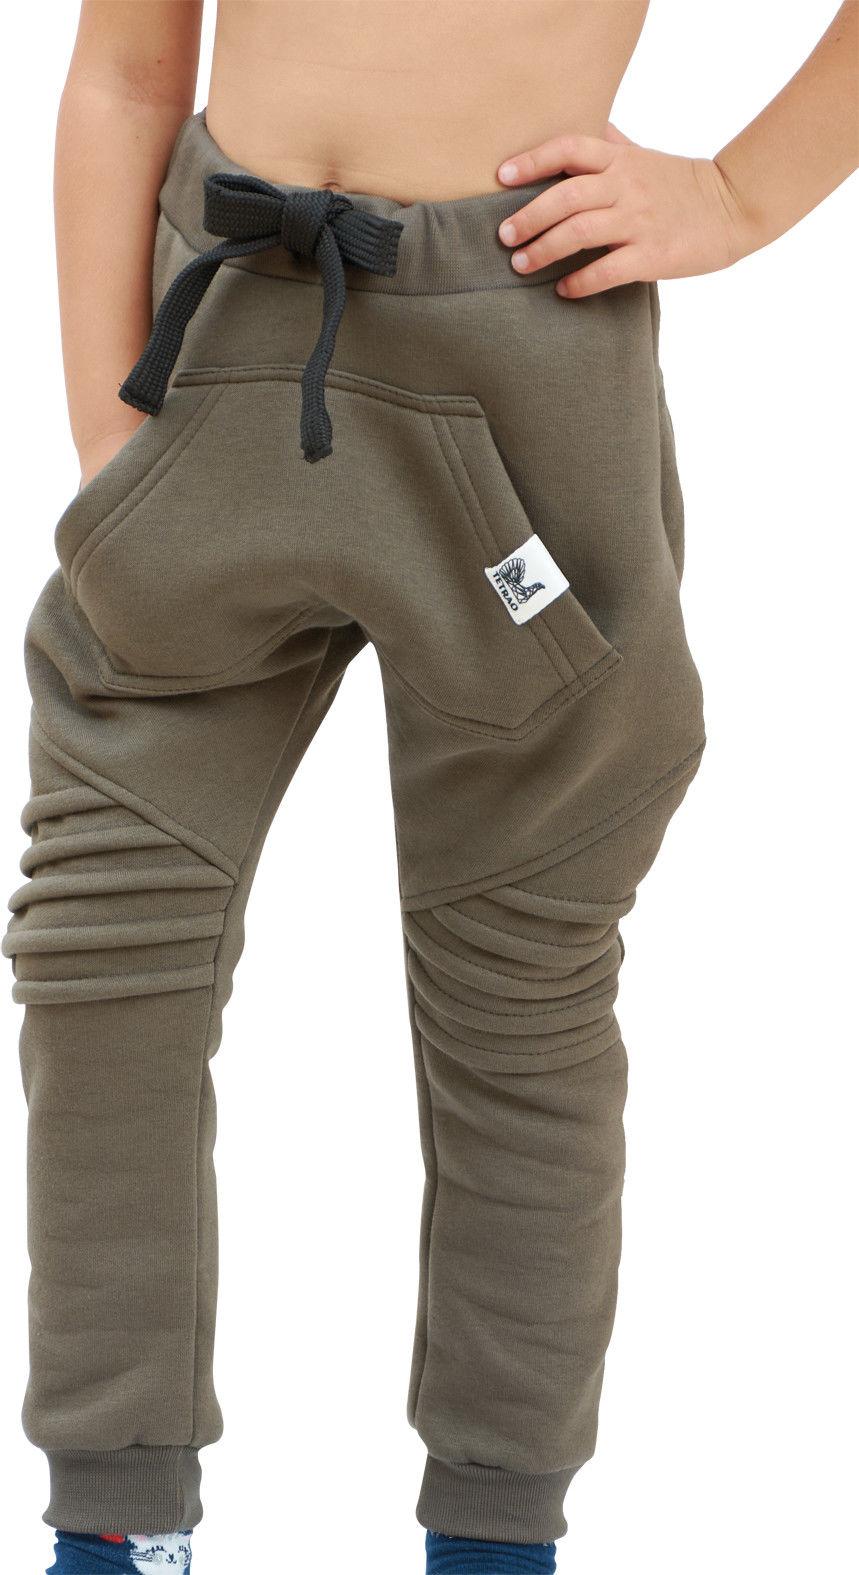 Spodnie dresowe dziecięce TETRAO grube